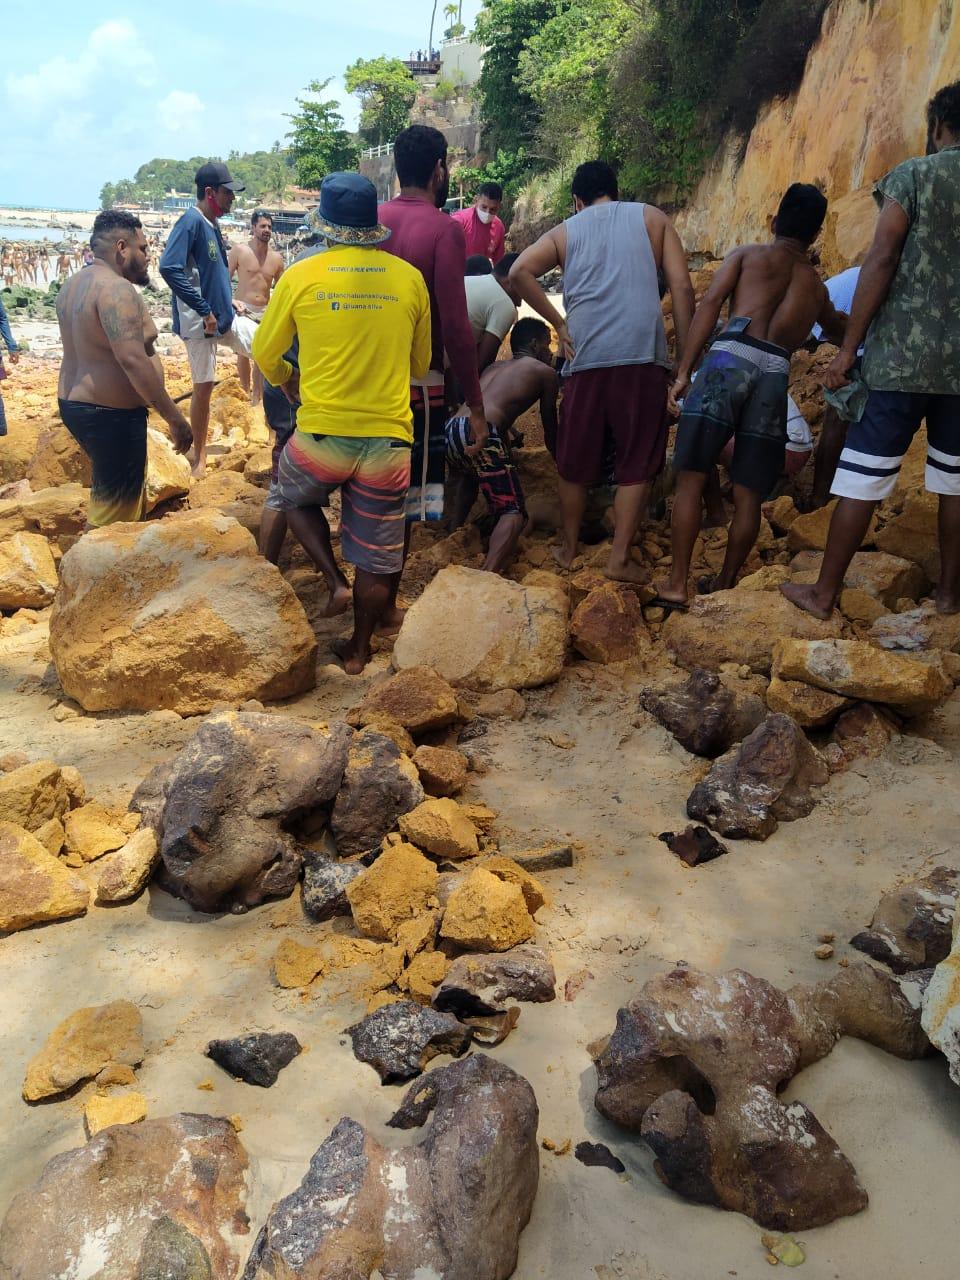 WhatsApp Image 2020 11 17 at 14.45.32 - Parte de falésia desmorona na praia de Pipa (RN) e mata três pessoas de uma mesma família - VEJA VÍDEO